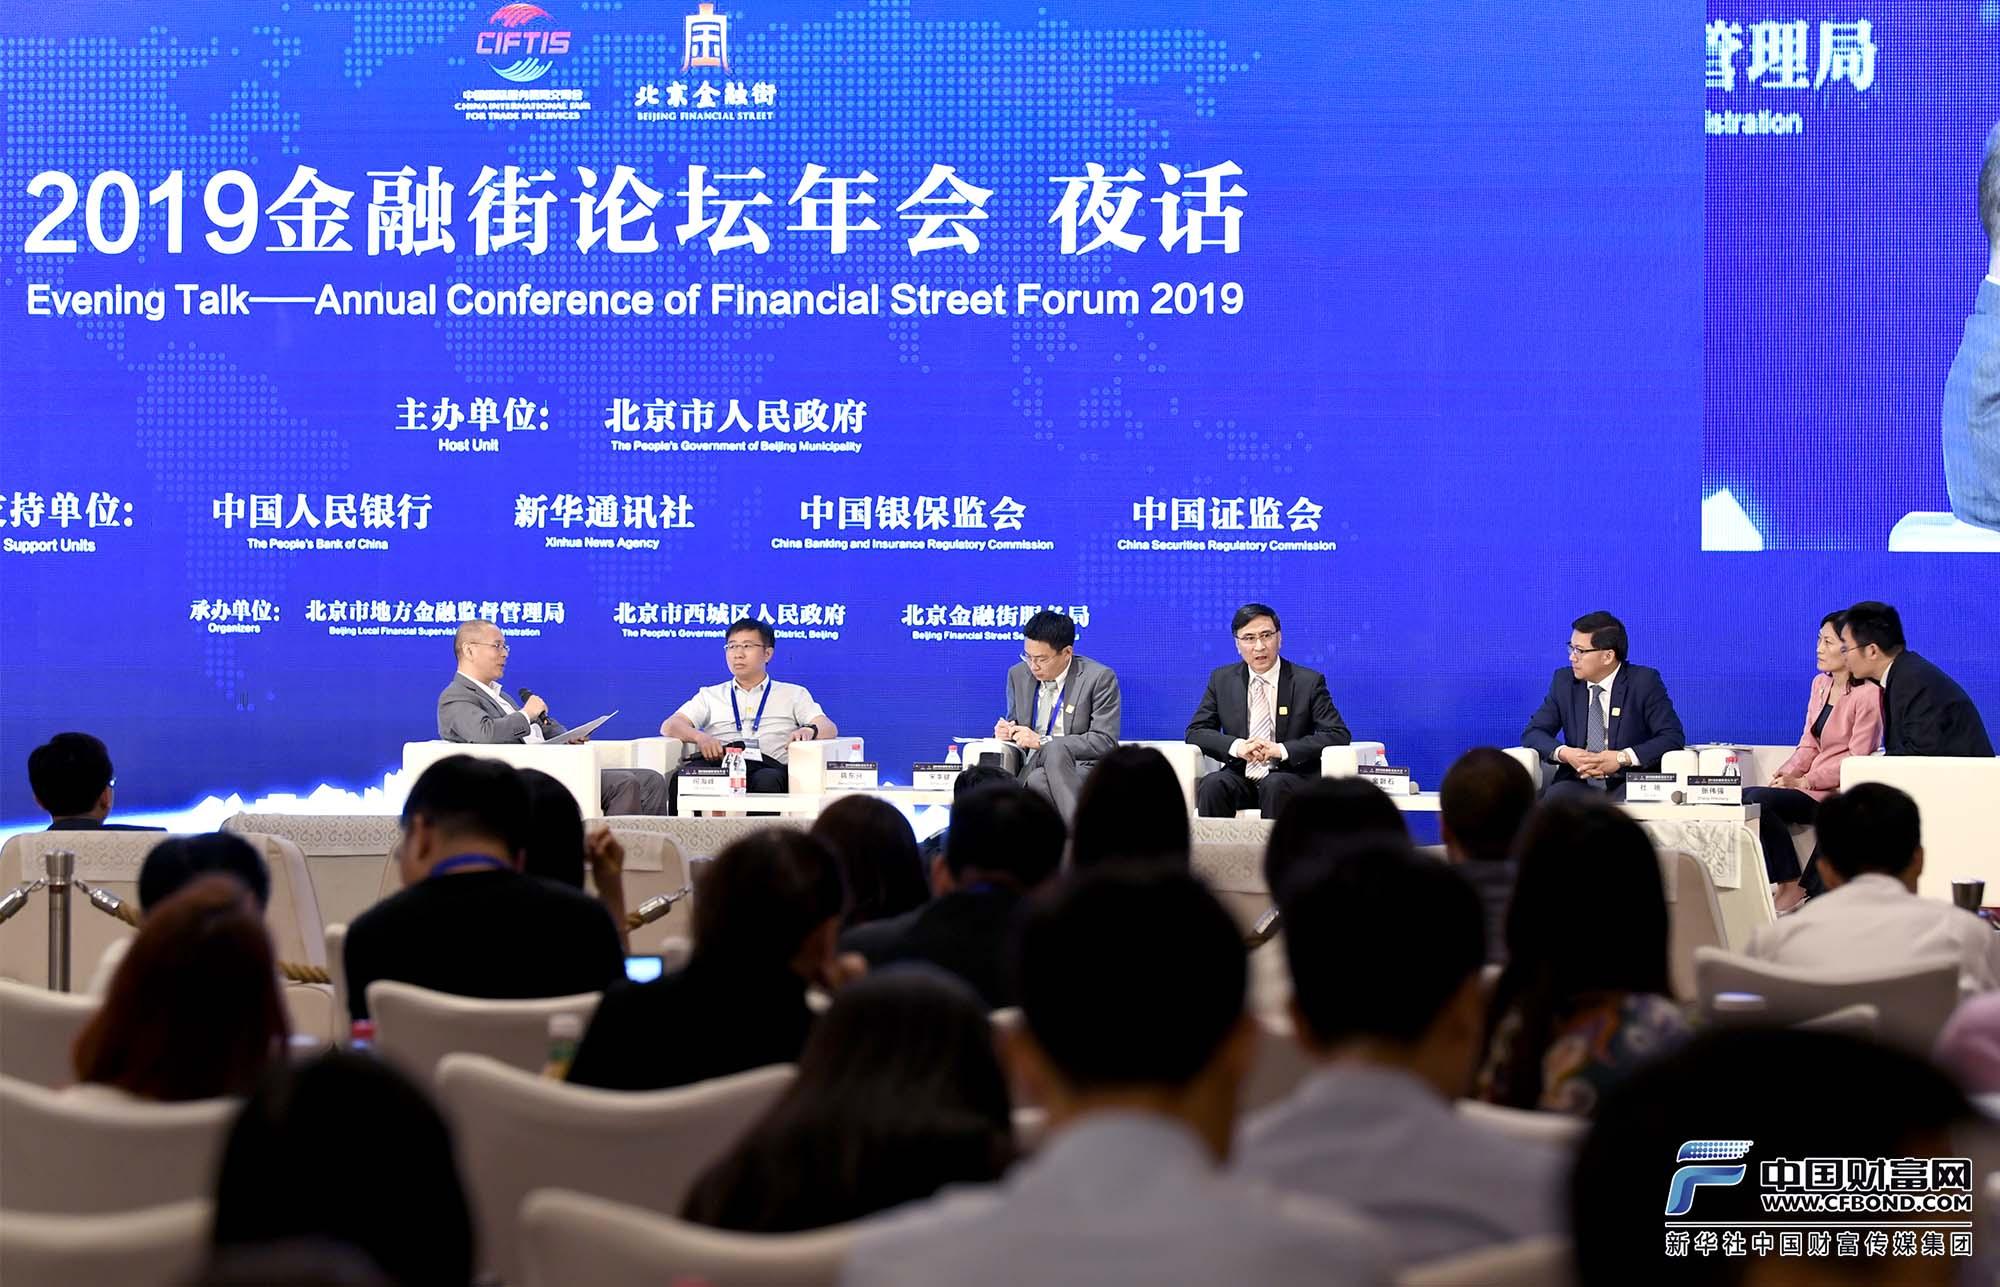 2019金融街论坛年会 夜话 圆桌对话全景